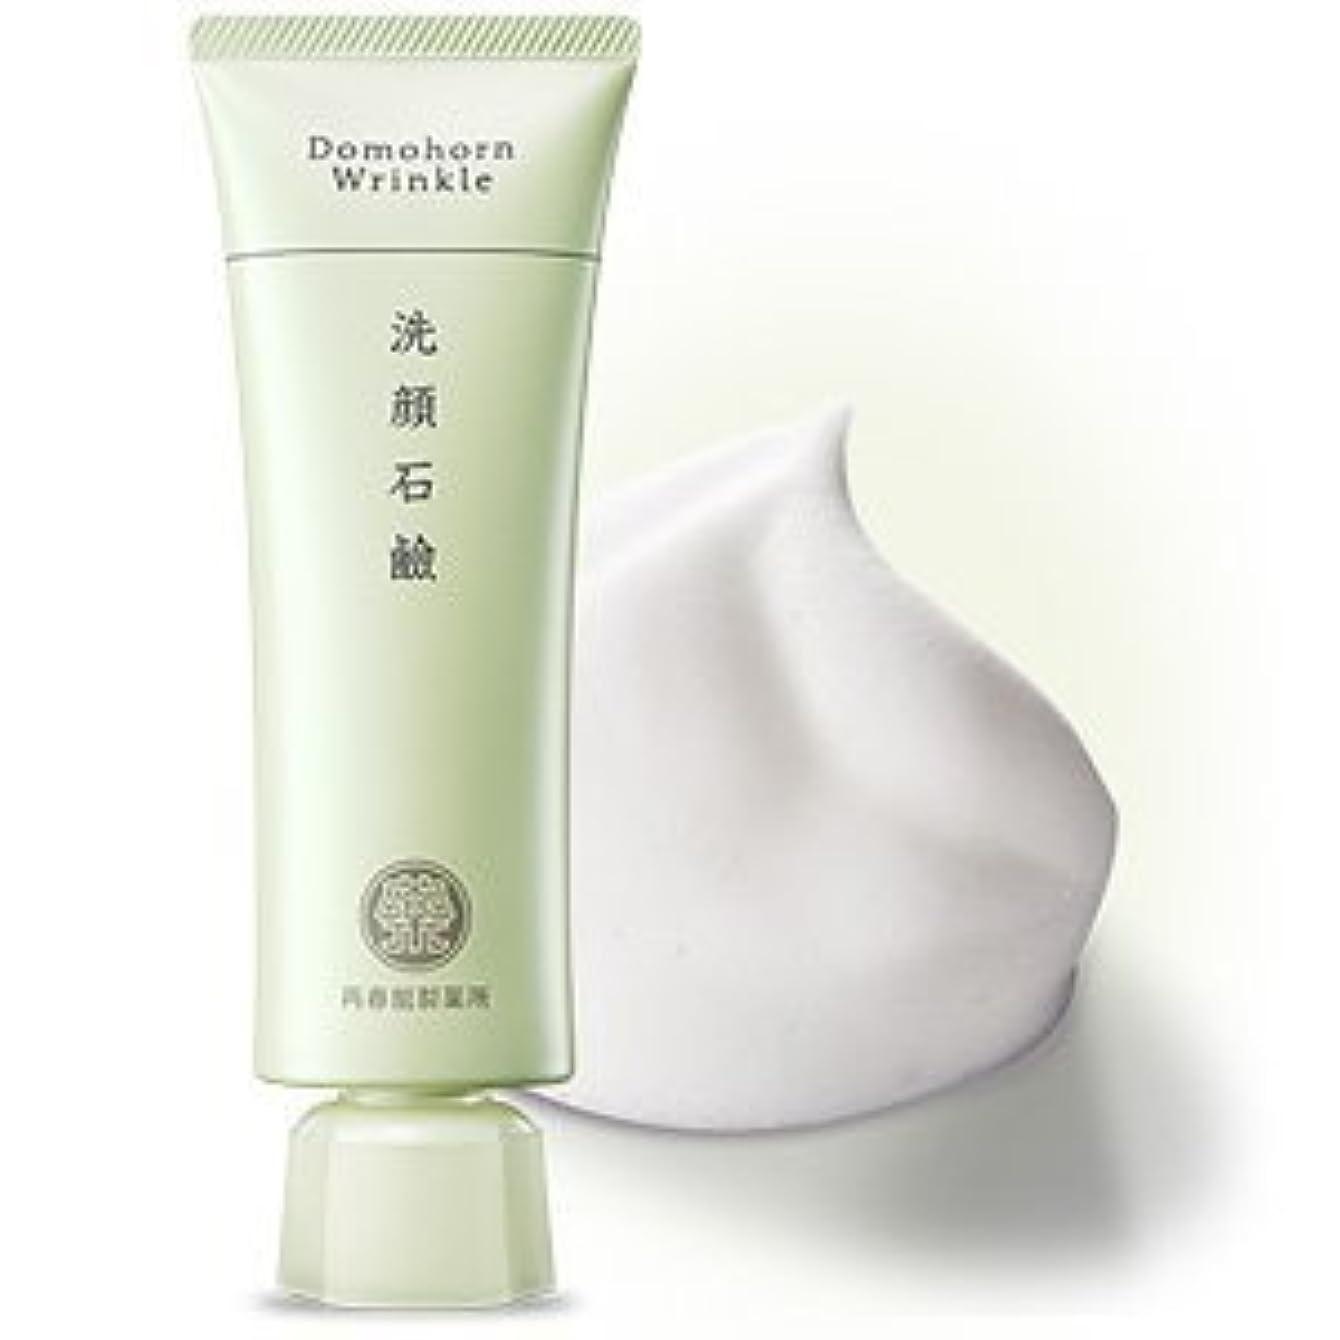 で出来ている顎単独で【濃密泡で毛穴対策にも】ドモホルンリンクル 洗顔石鹸 約60日分